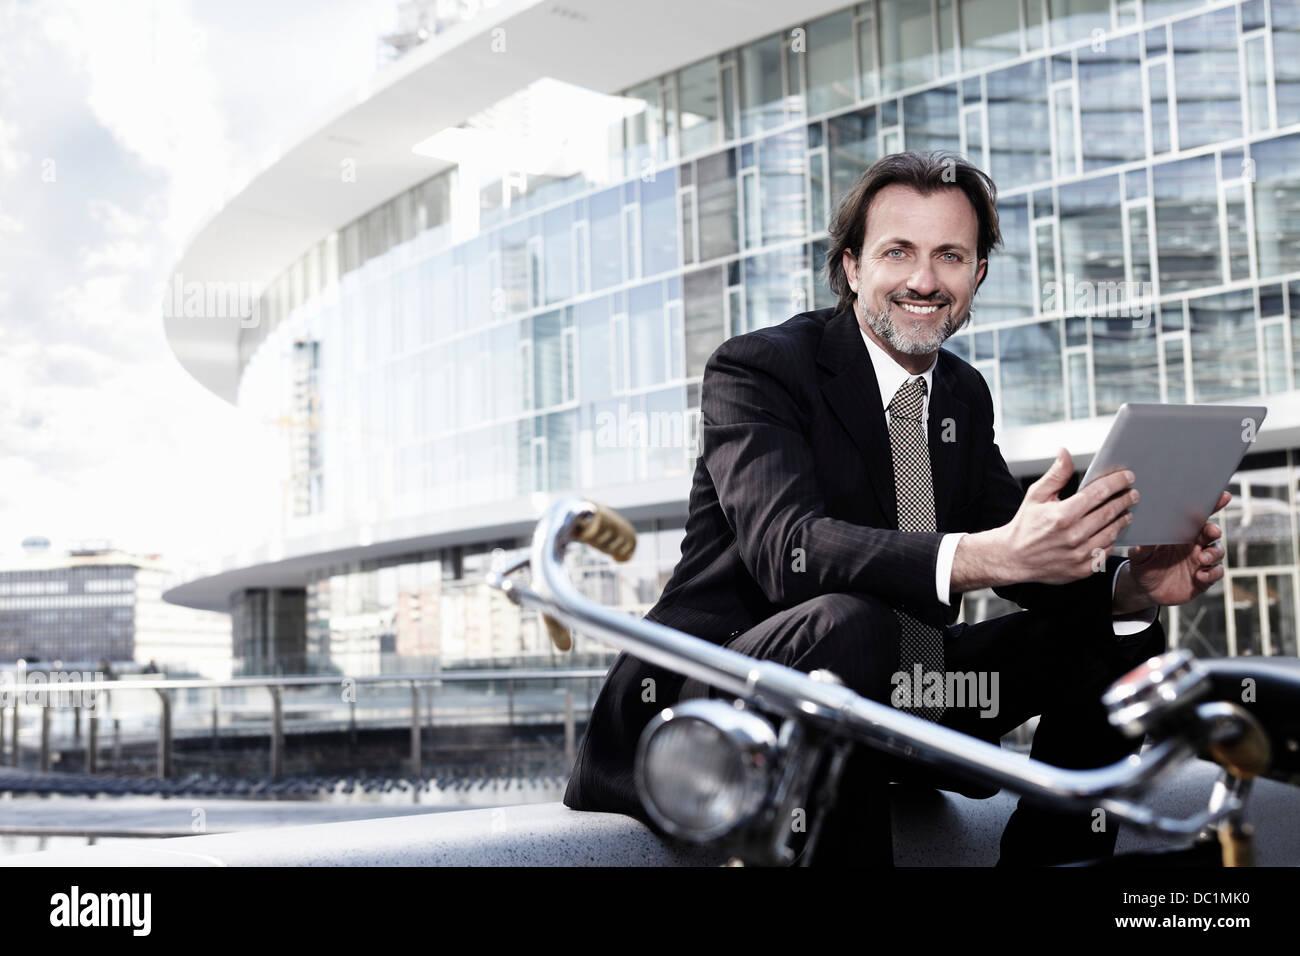 Empresario de adultos utilizando digital media tableta en ciudad, Retrato Imagen De Stock